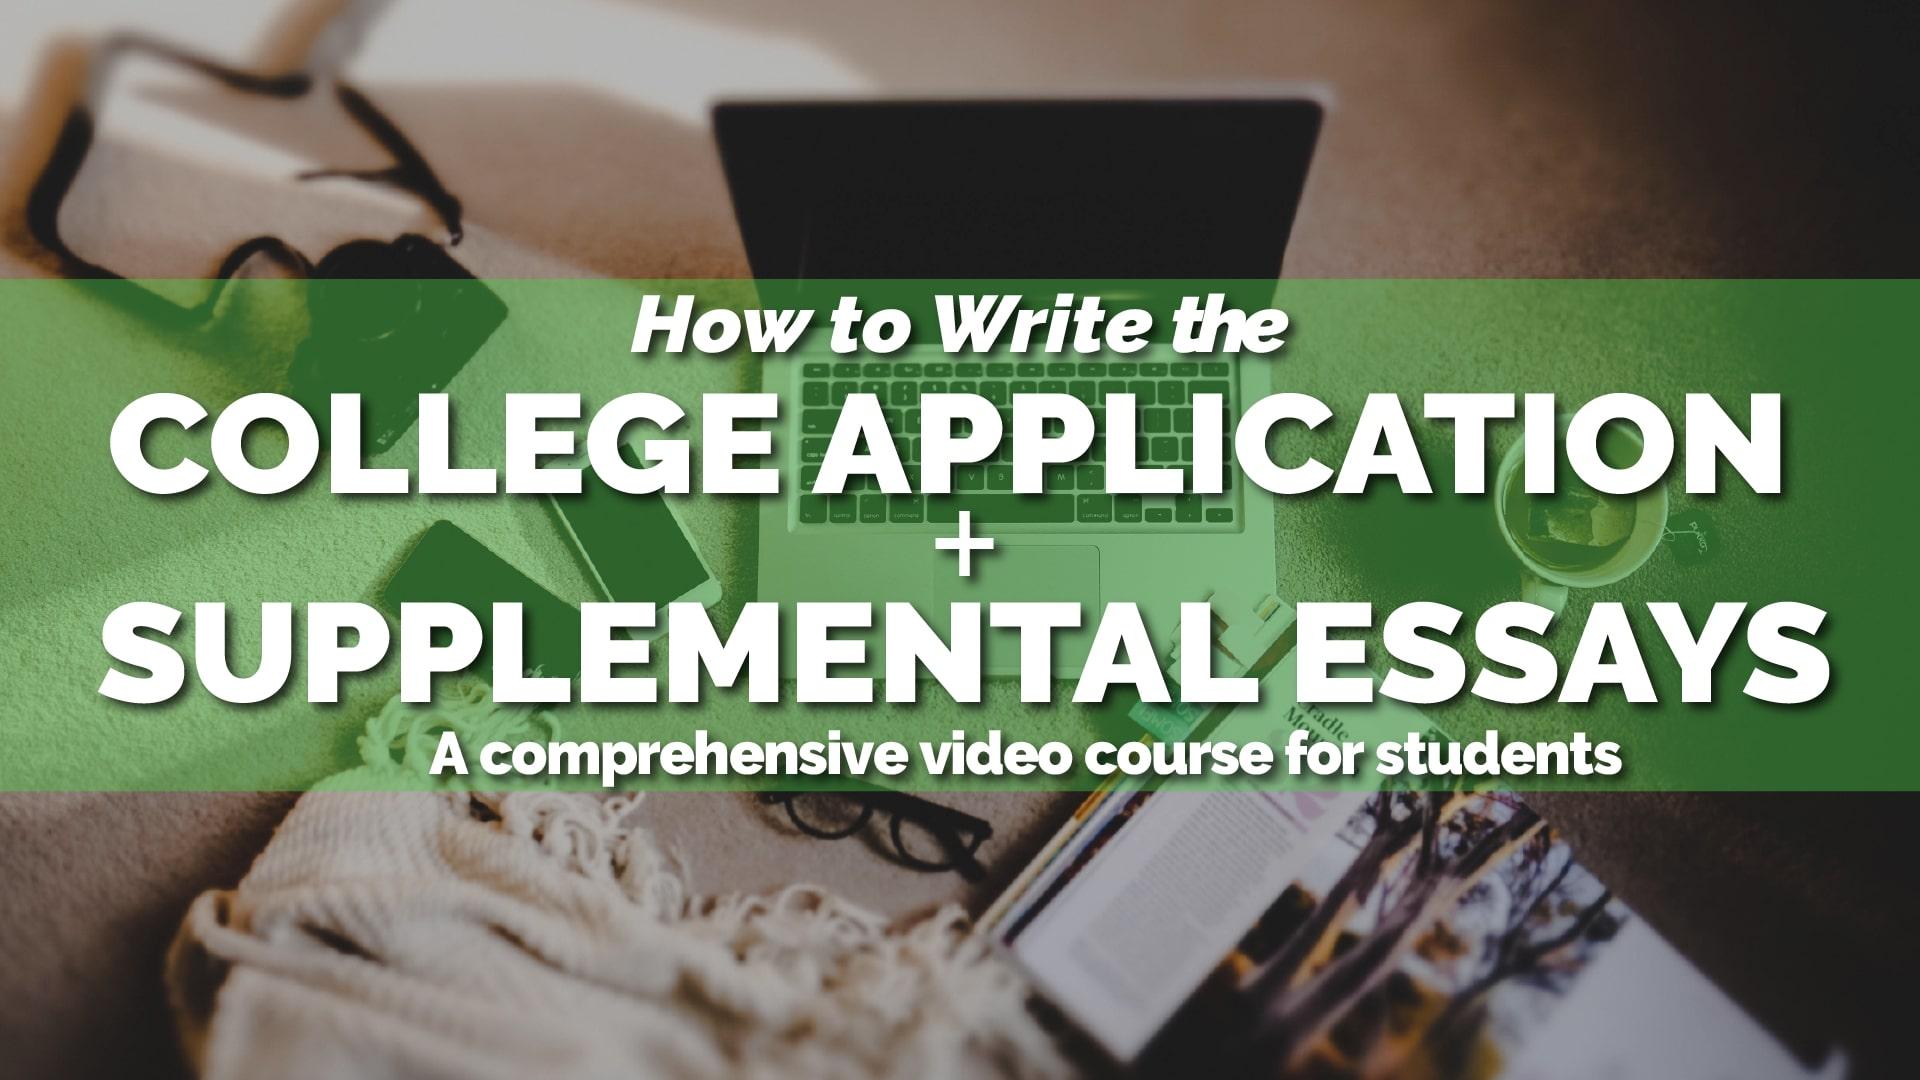 Supplemental Essays